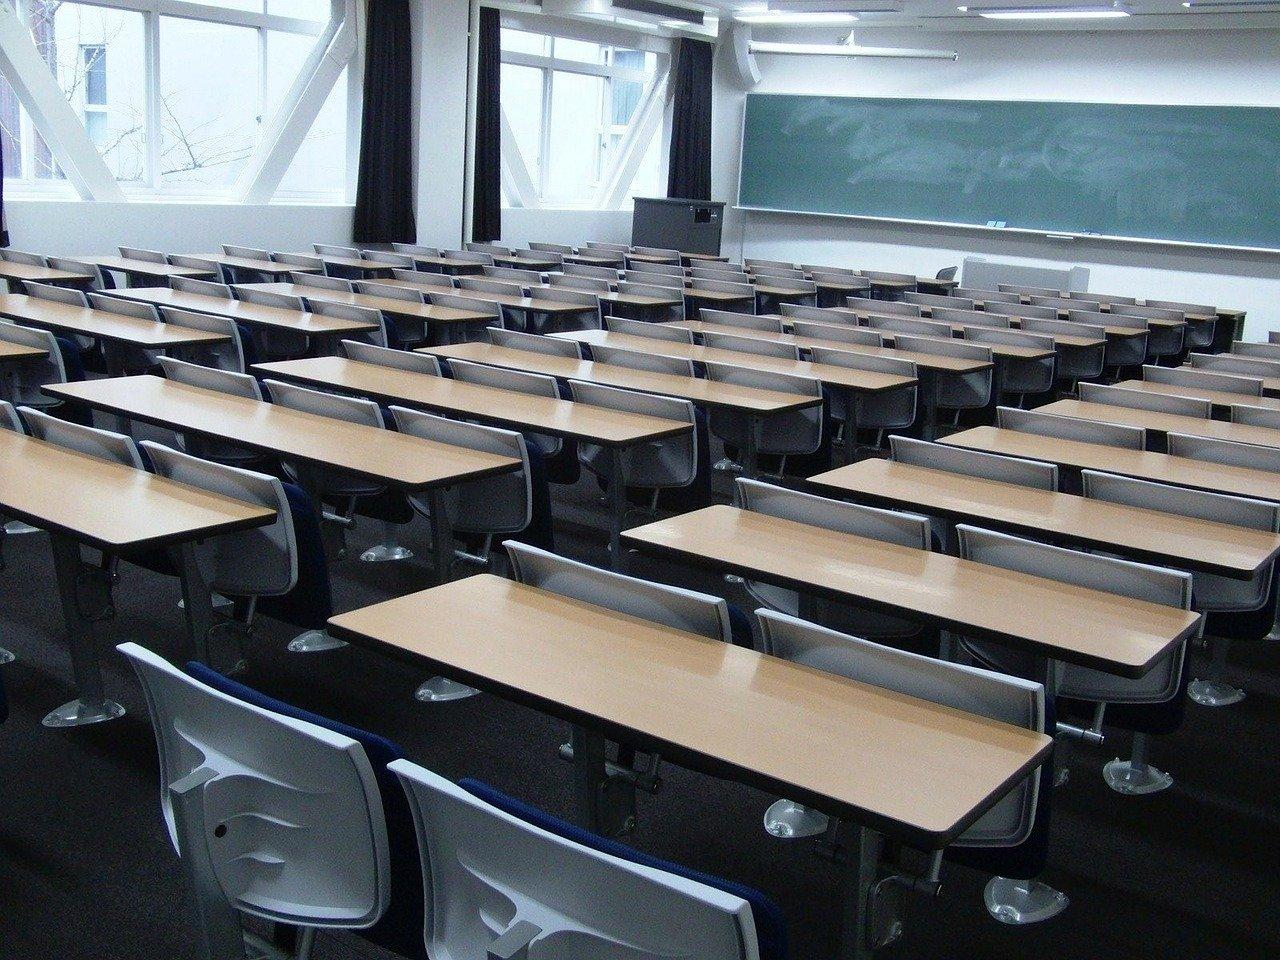 O que irá mudar nas instituições educacionais após a pandemia